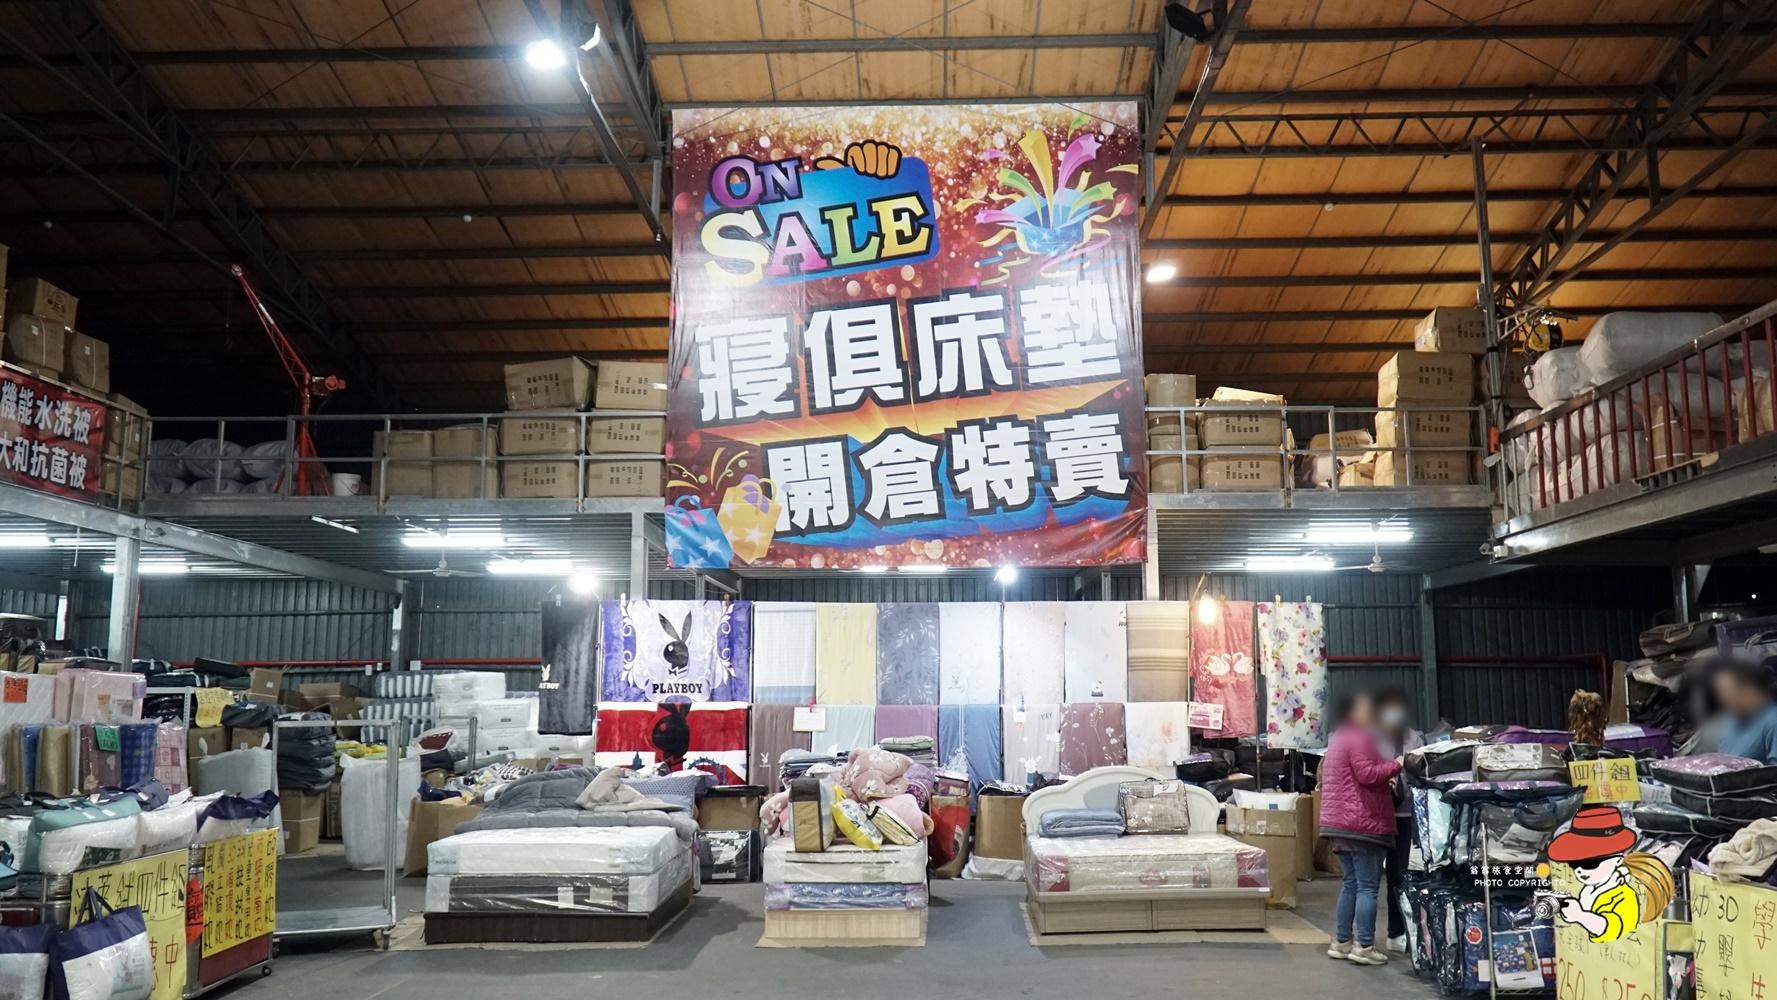 2021寢具床墊特賣會|中和宏海寢具 硬式印花彈簧床1980元起 3M抗菌枕289元買一送一